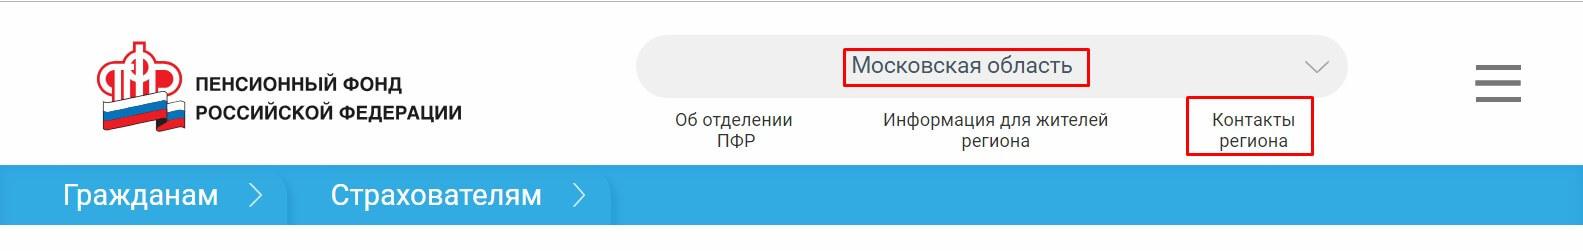 Пенсионный фонд Одинцовский район